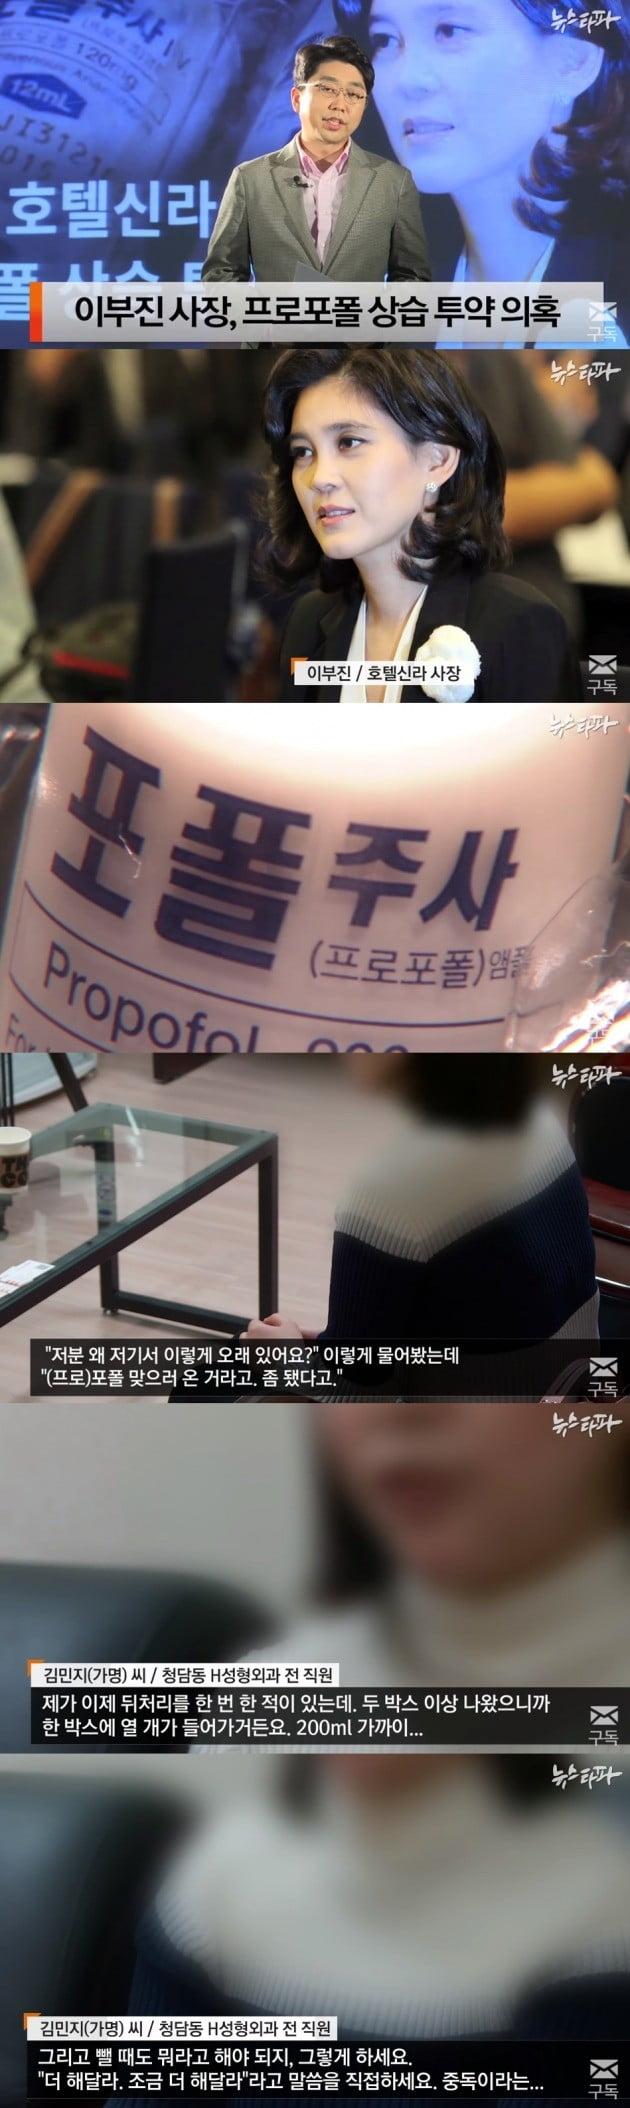 이부진 프로포폴 상습 투약 의혹 /사진=뉴스타파 유튜브 채널